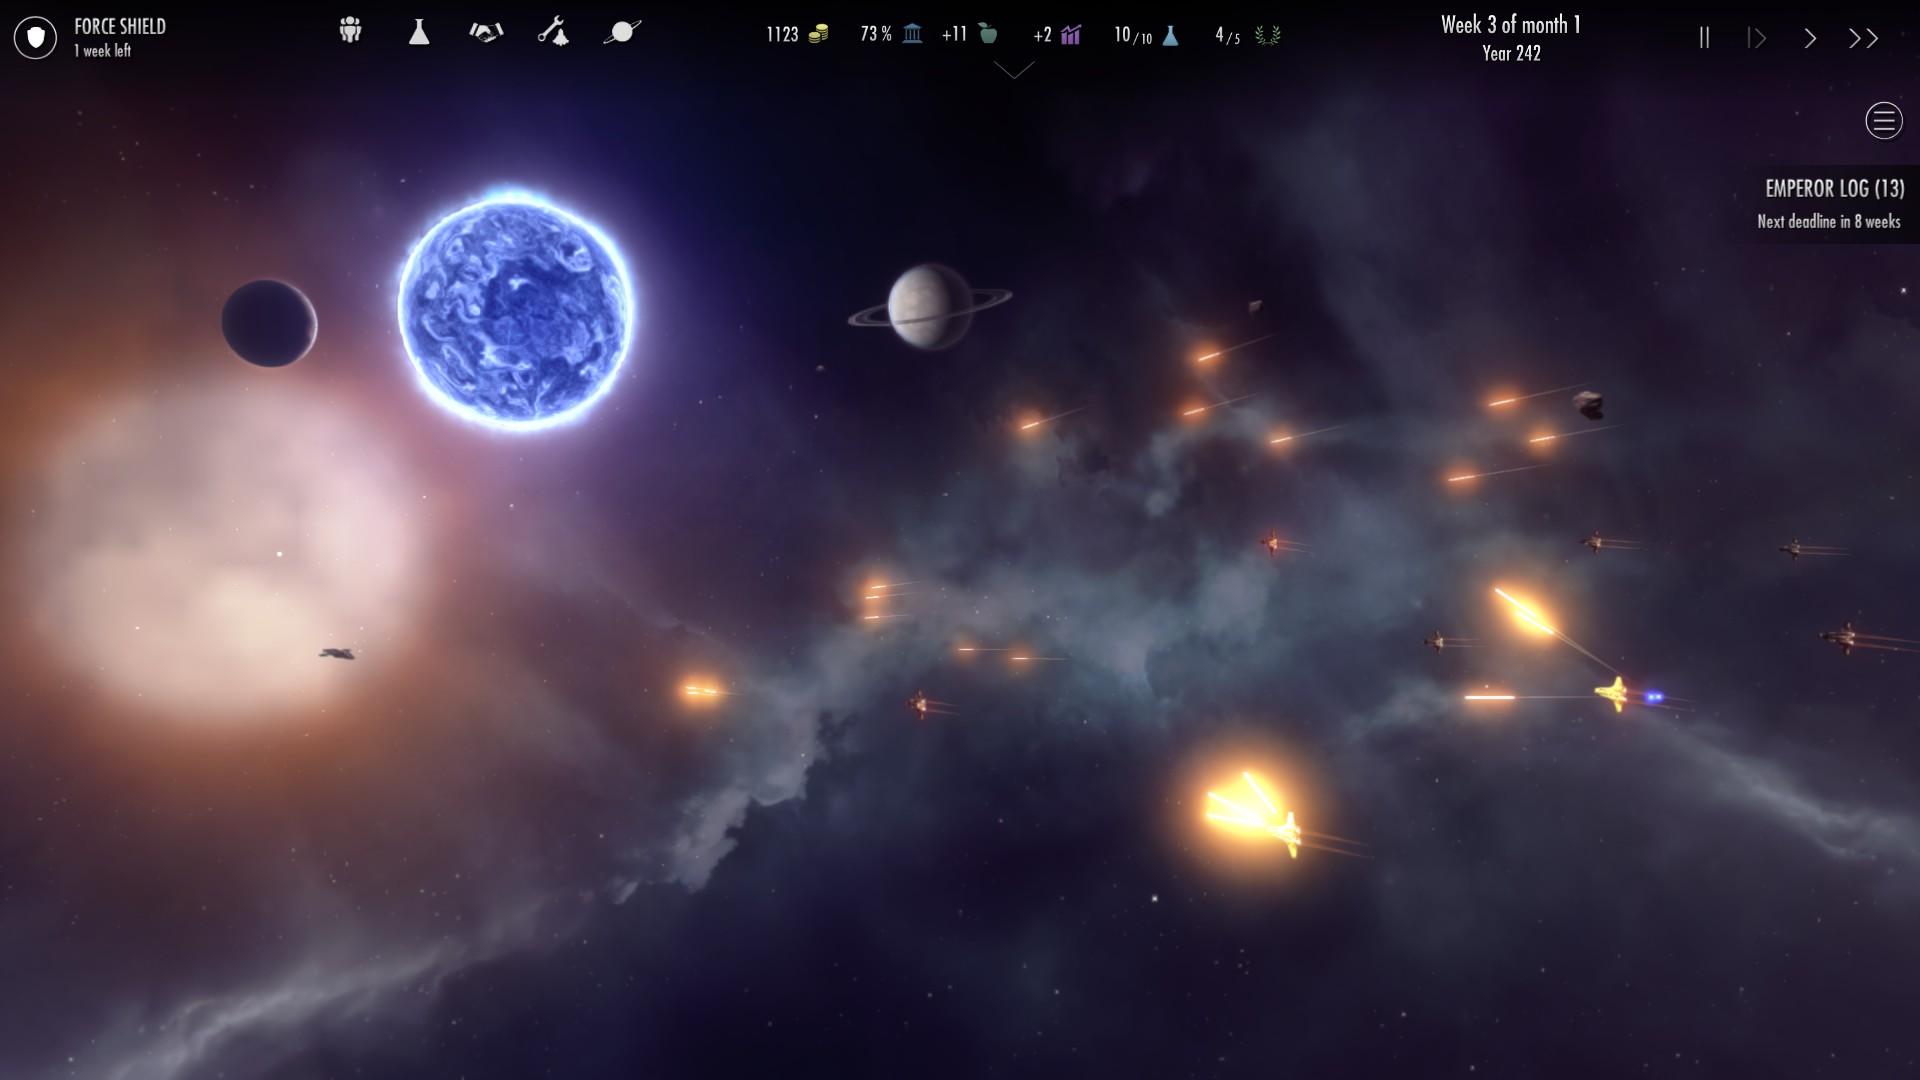 Скриншоты к Dawn of Andromeda: Subterfuge v1.096 - полная версия на русском | Repack